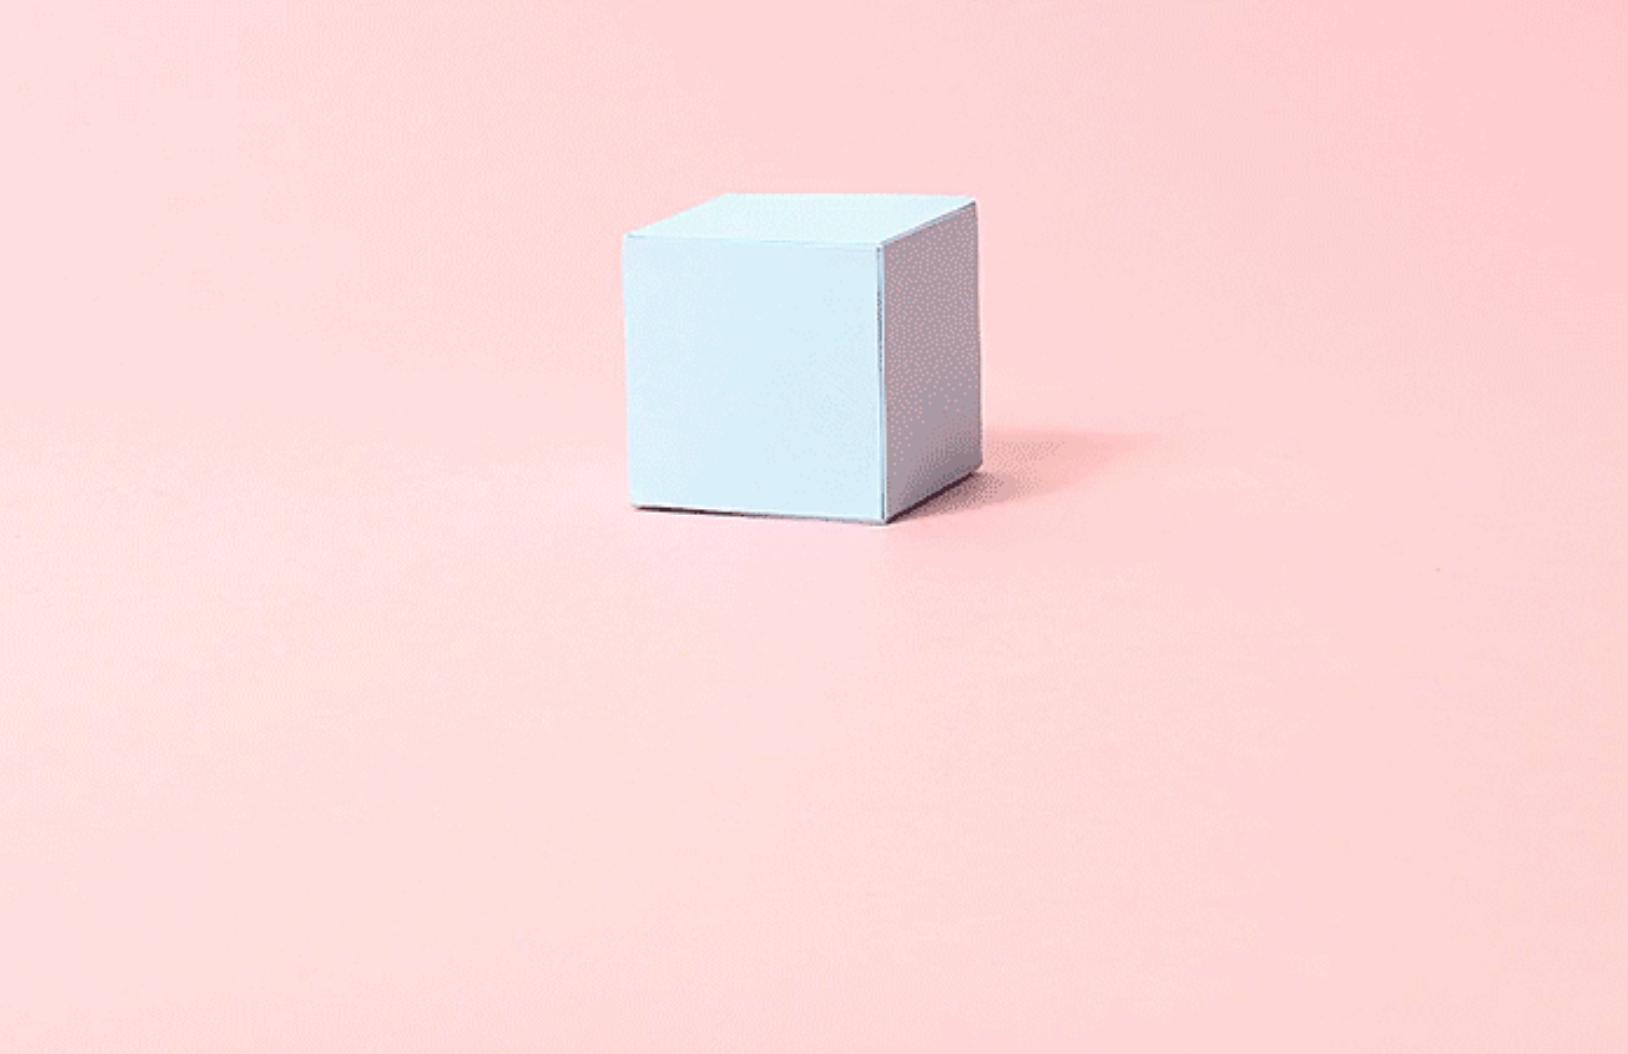 Este corto trata de un pequeño cubo de papel lleno de emociones y sentimientos